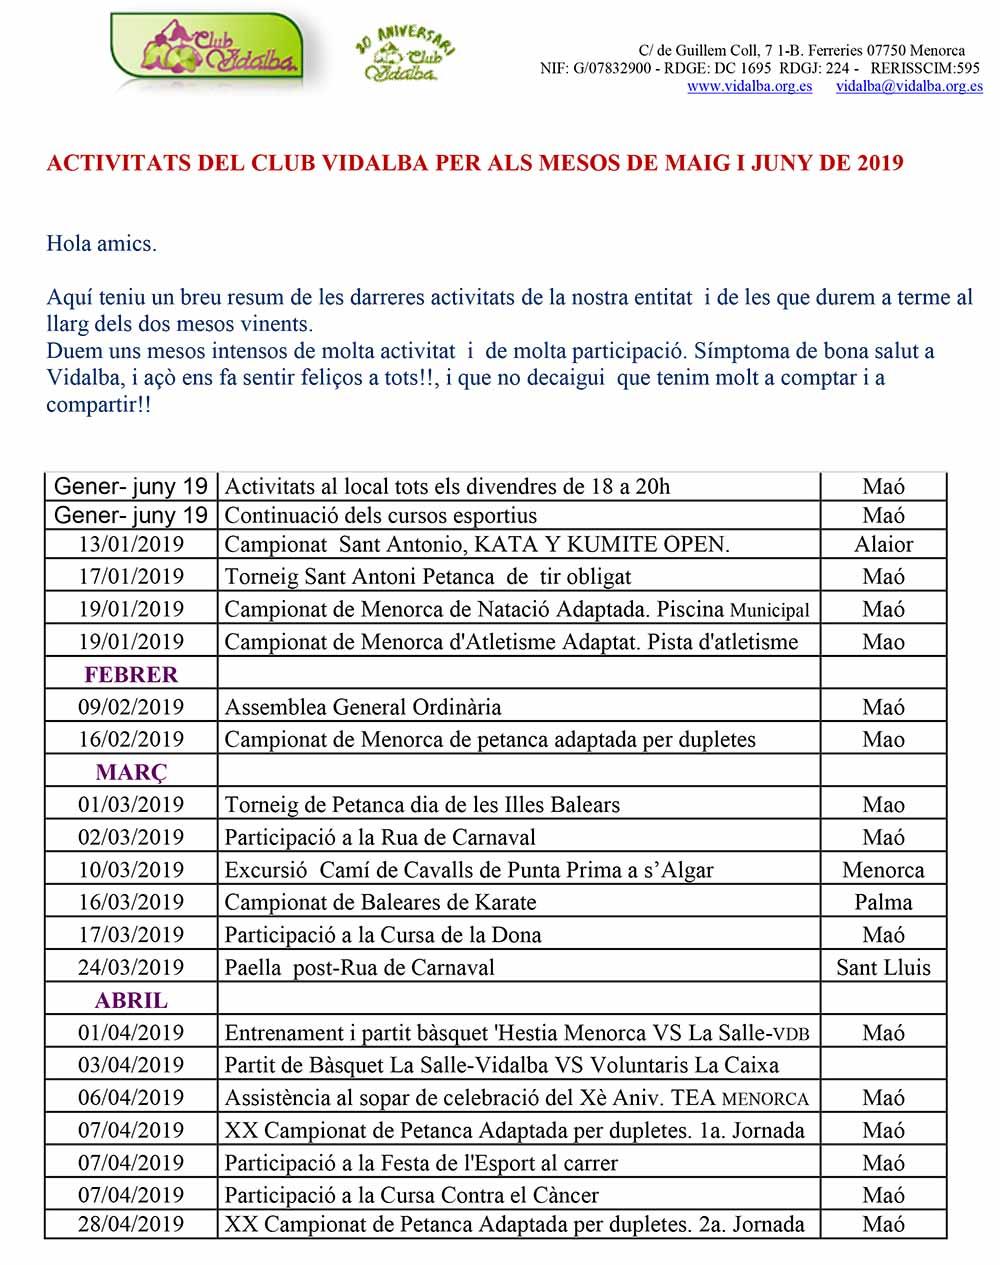 ACTIVITATS VDB MAIG I JUNY